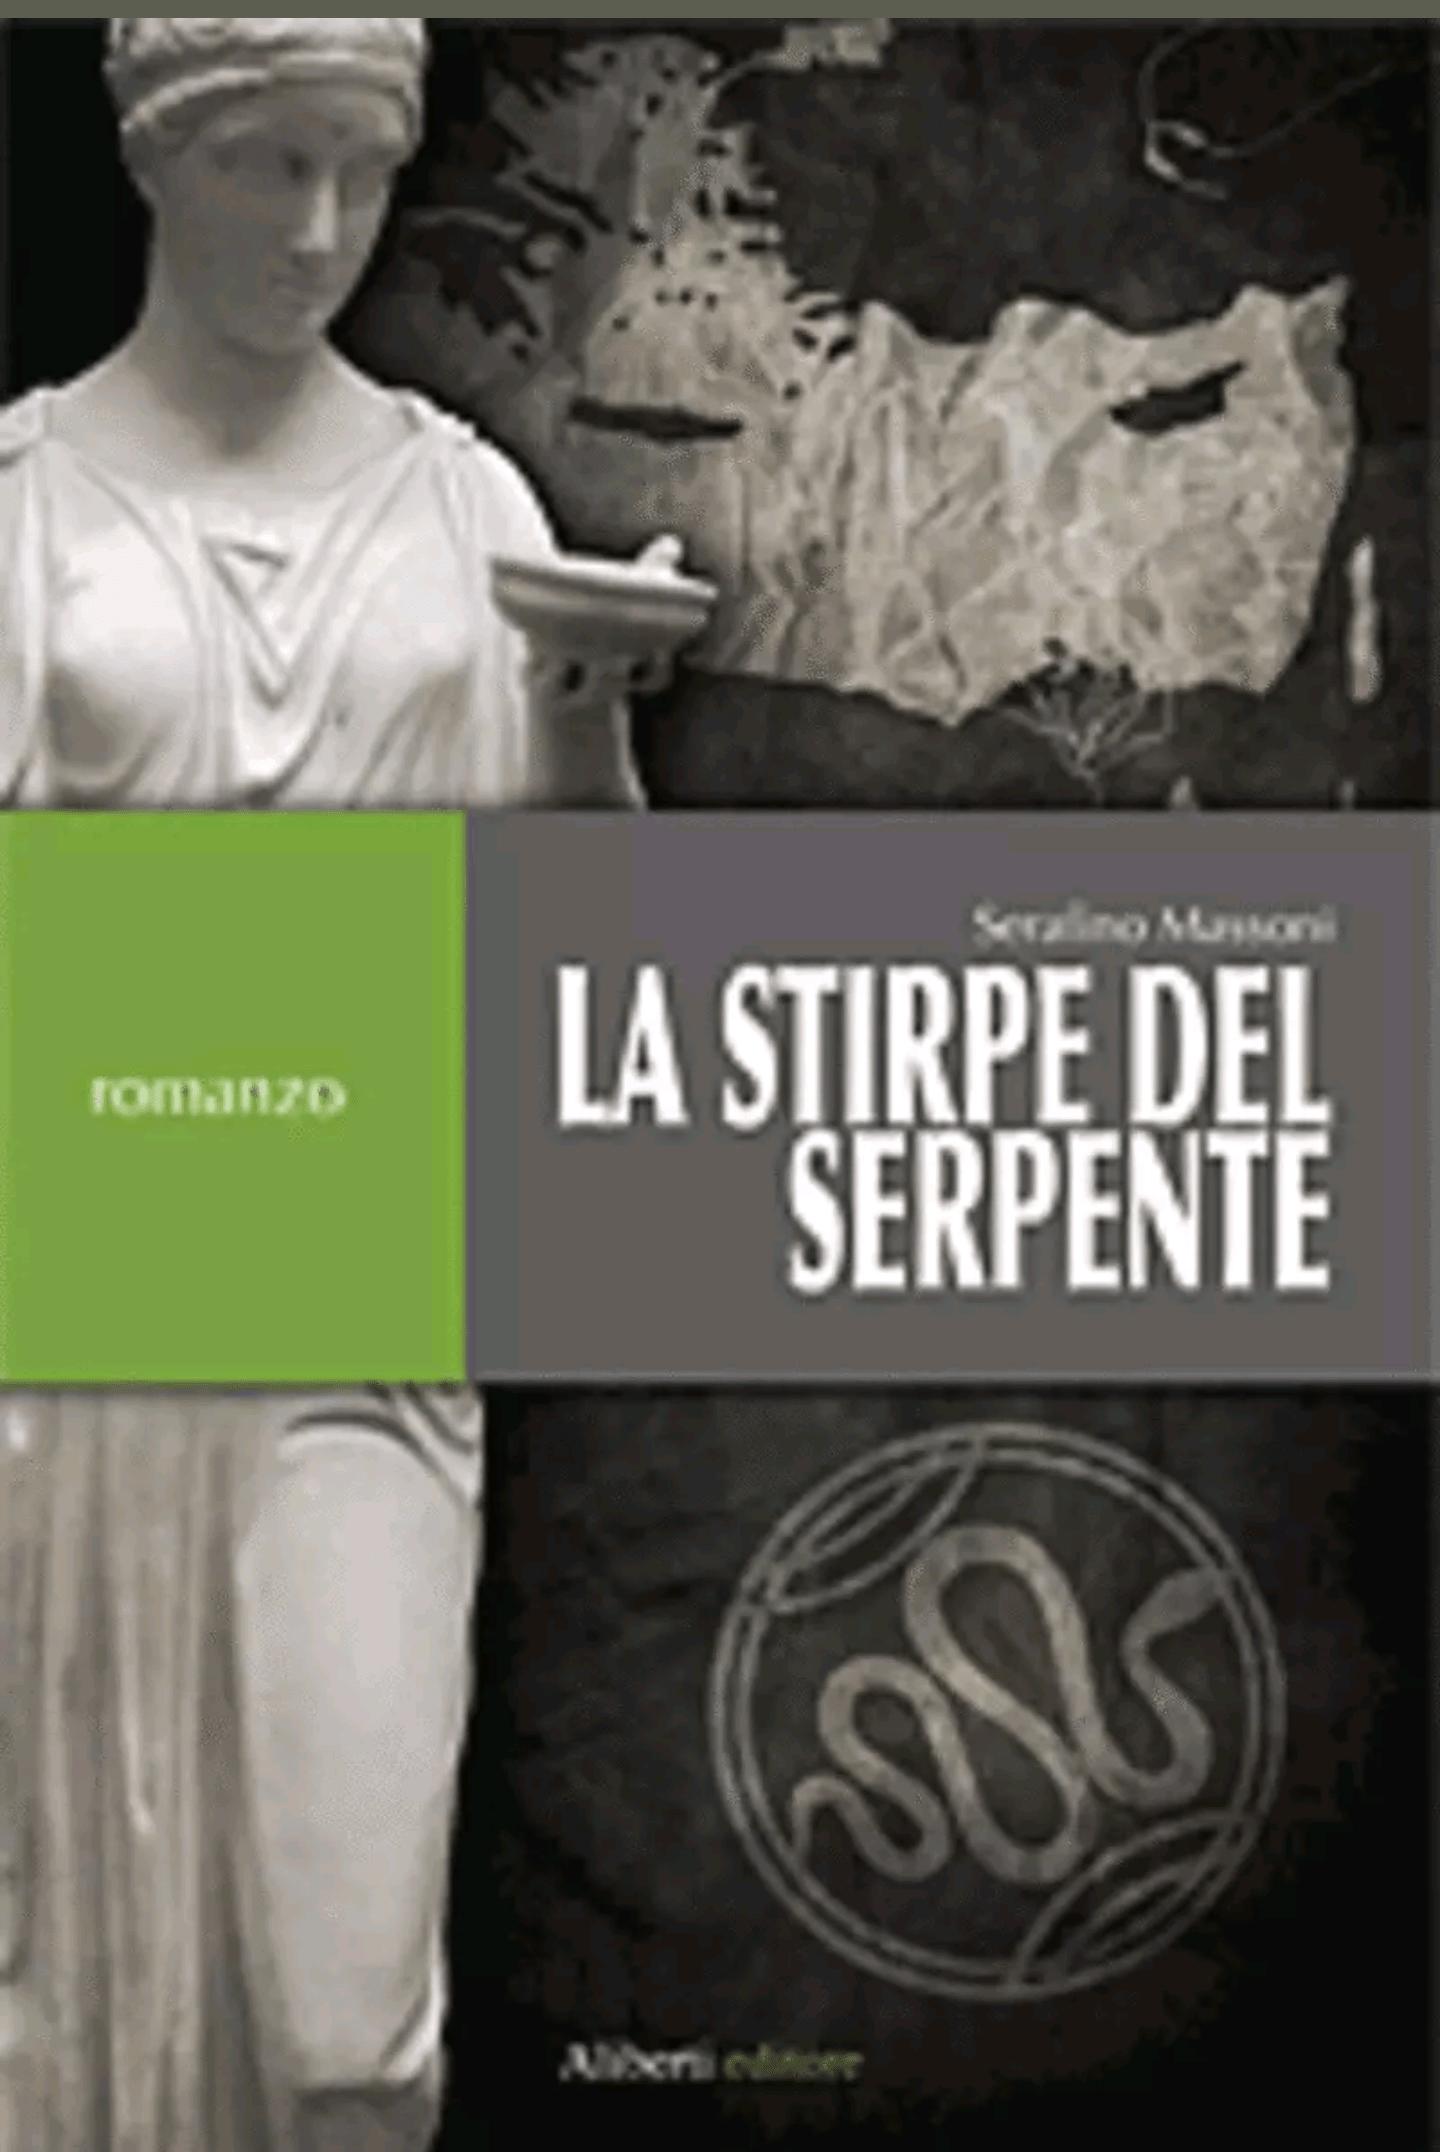 …una copia del controverso (e introvabile) romanzo di Serafino Massoni è apparsa su eBay